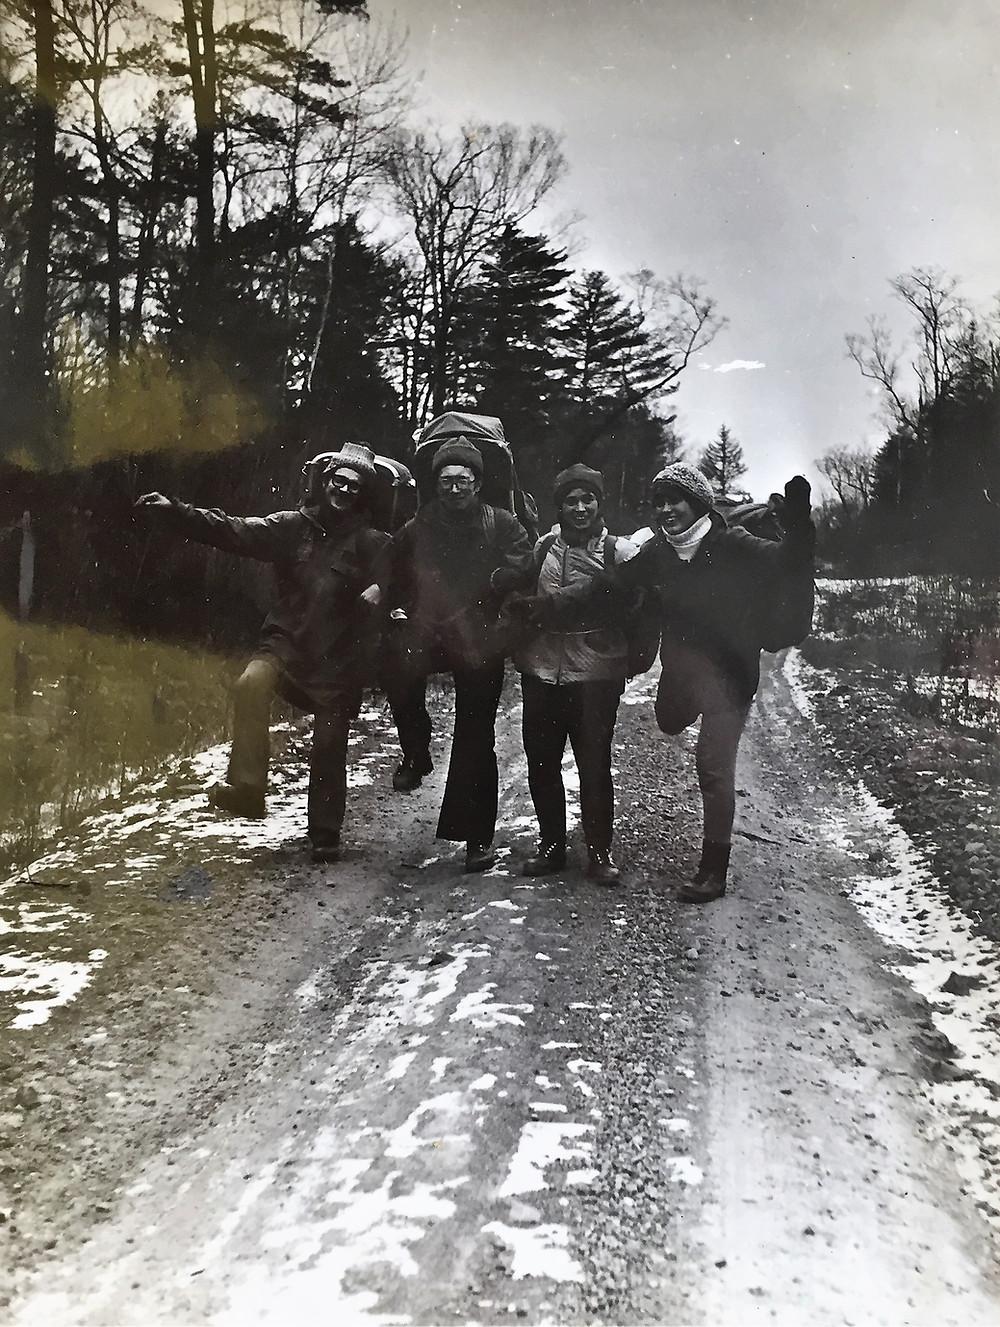 Слет туристов  skitour.club  Блог Сергея Чеботова